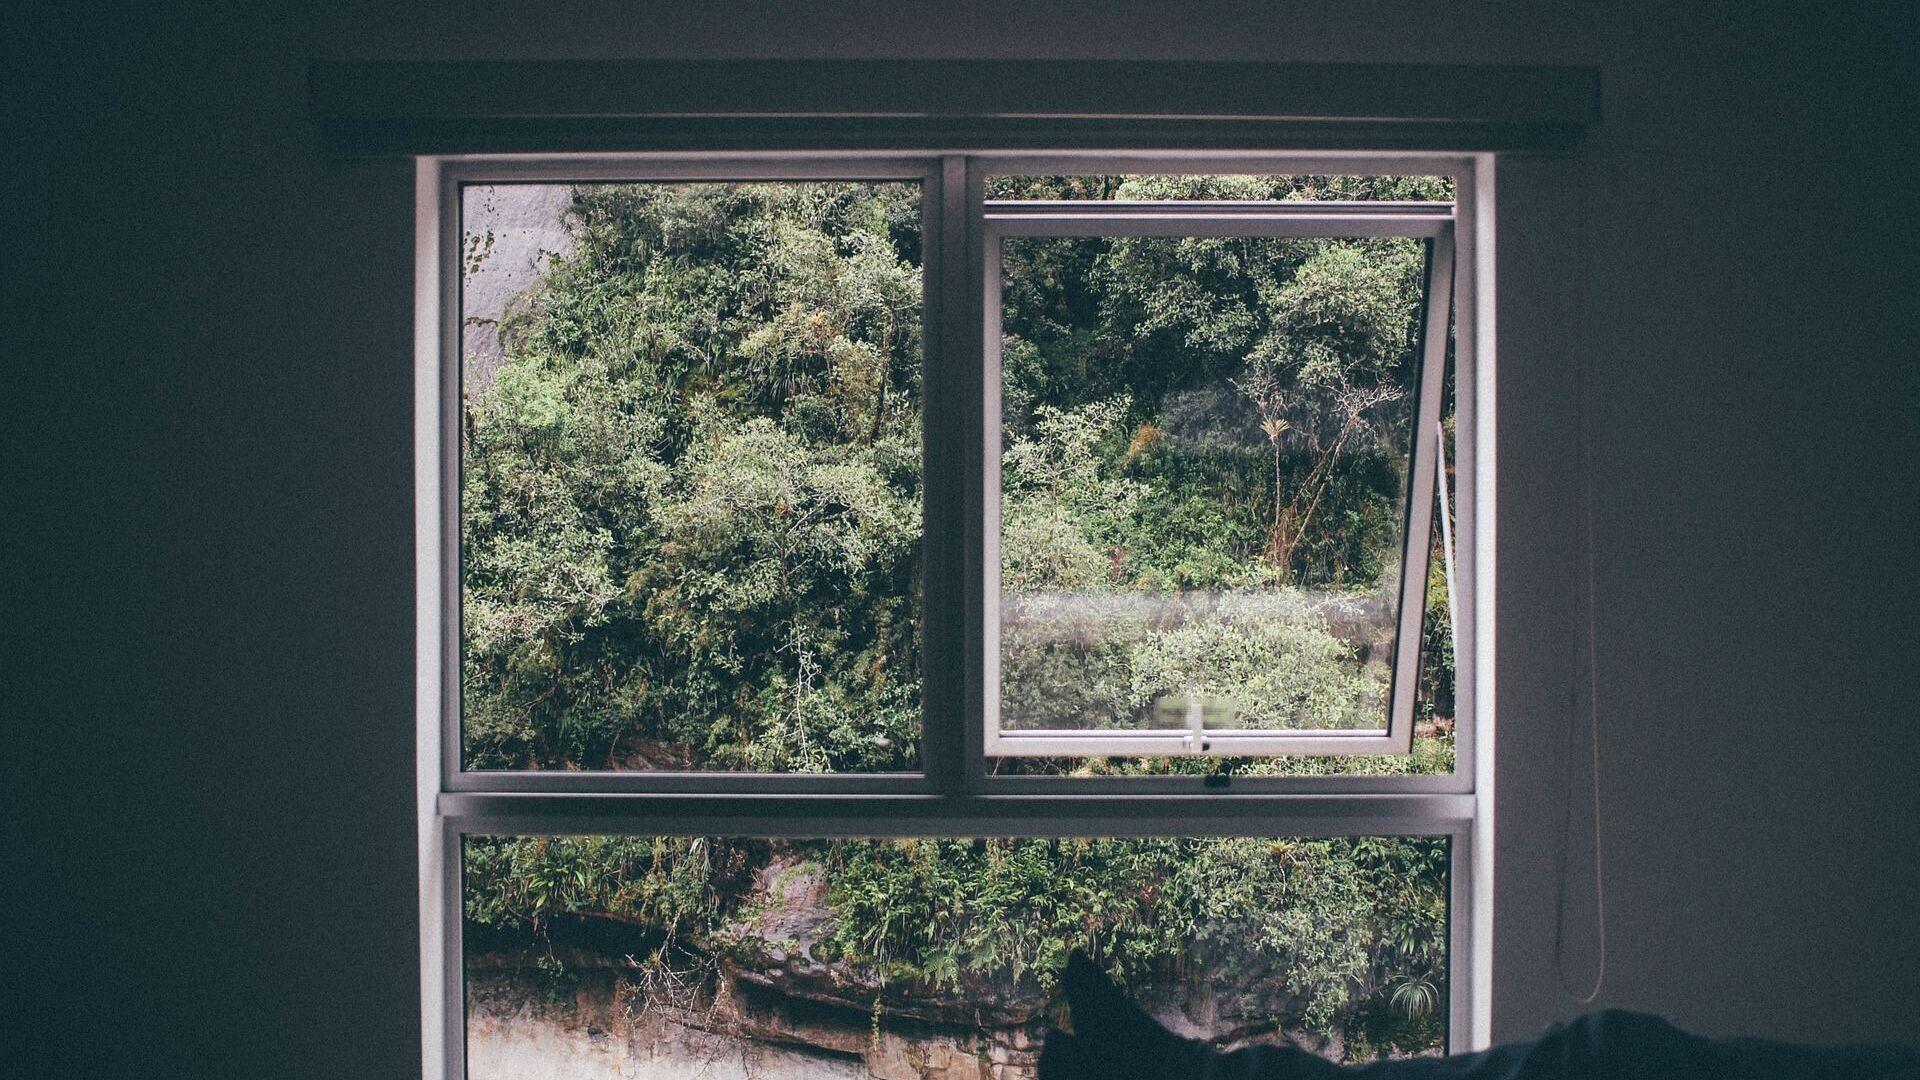 Imagen referencial de una habitación ventilándose con la ventana abierta - Sputnik Mundo, 1920, 27.03.2021